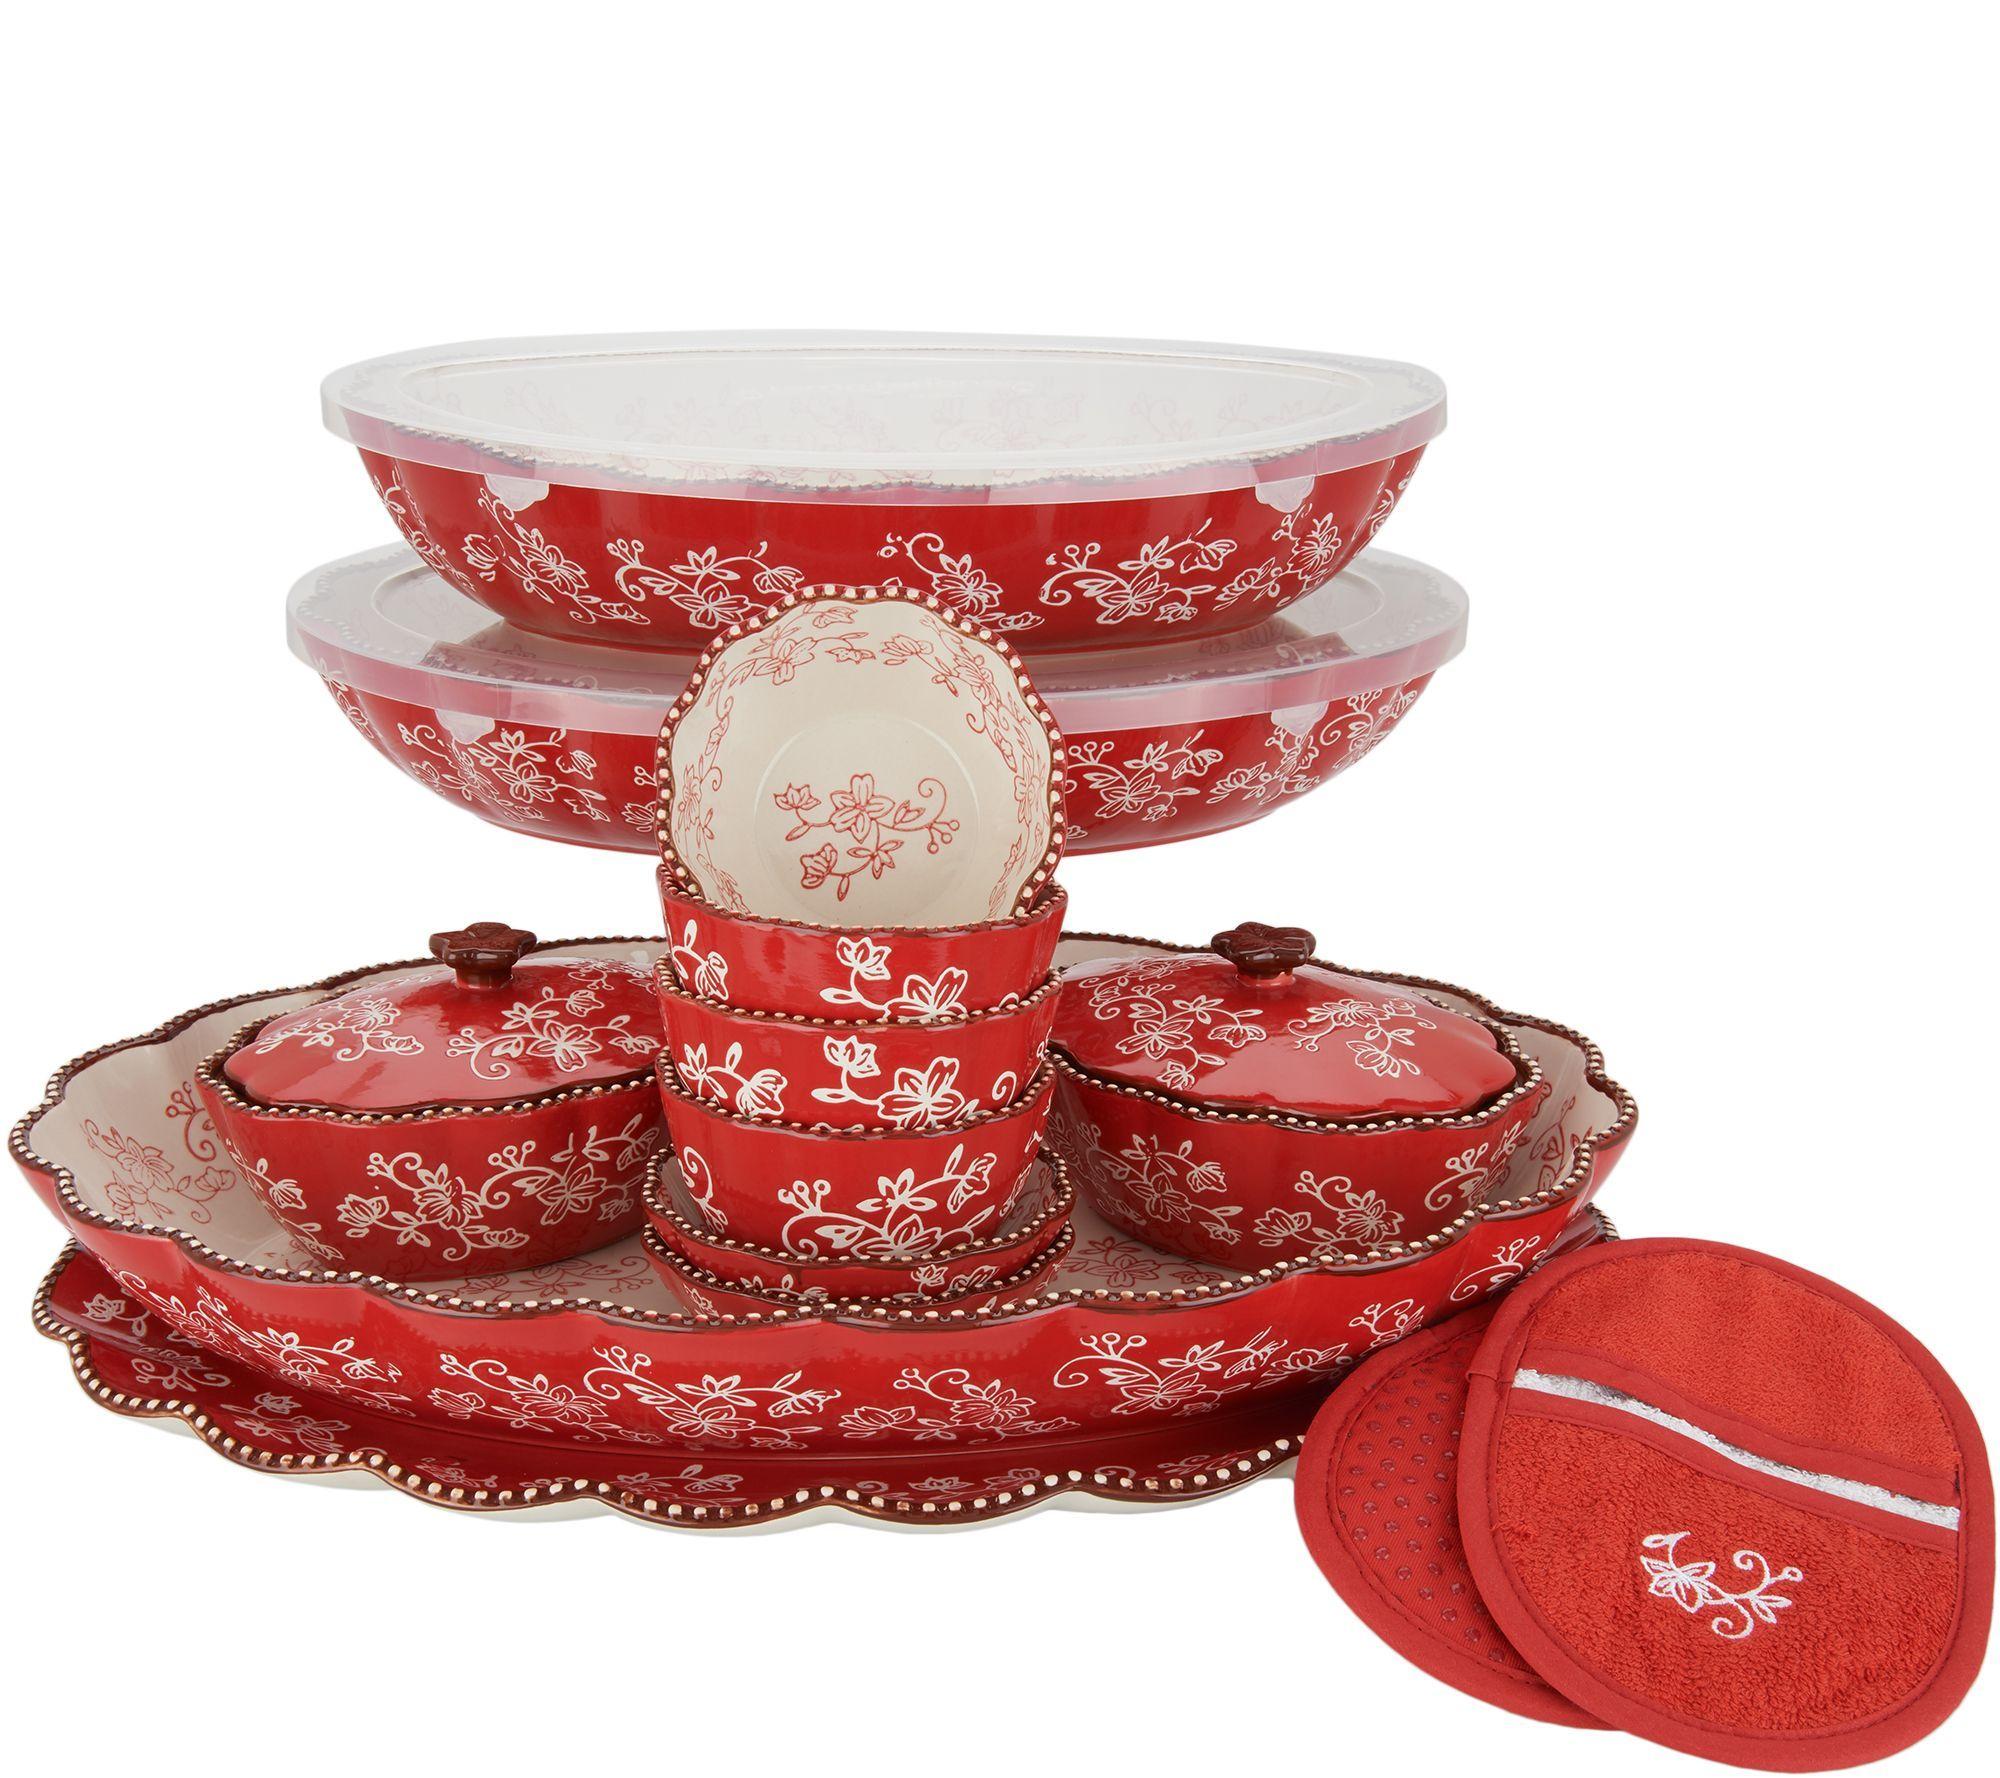 Temp Tations Floral Lace 17 Piece Entertaining Bakeware Set Qvc